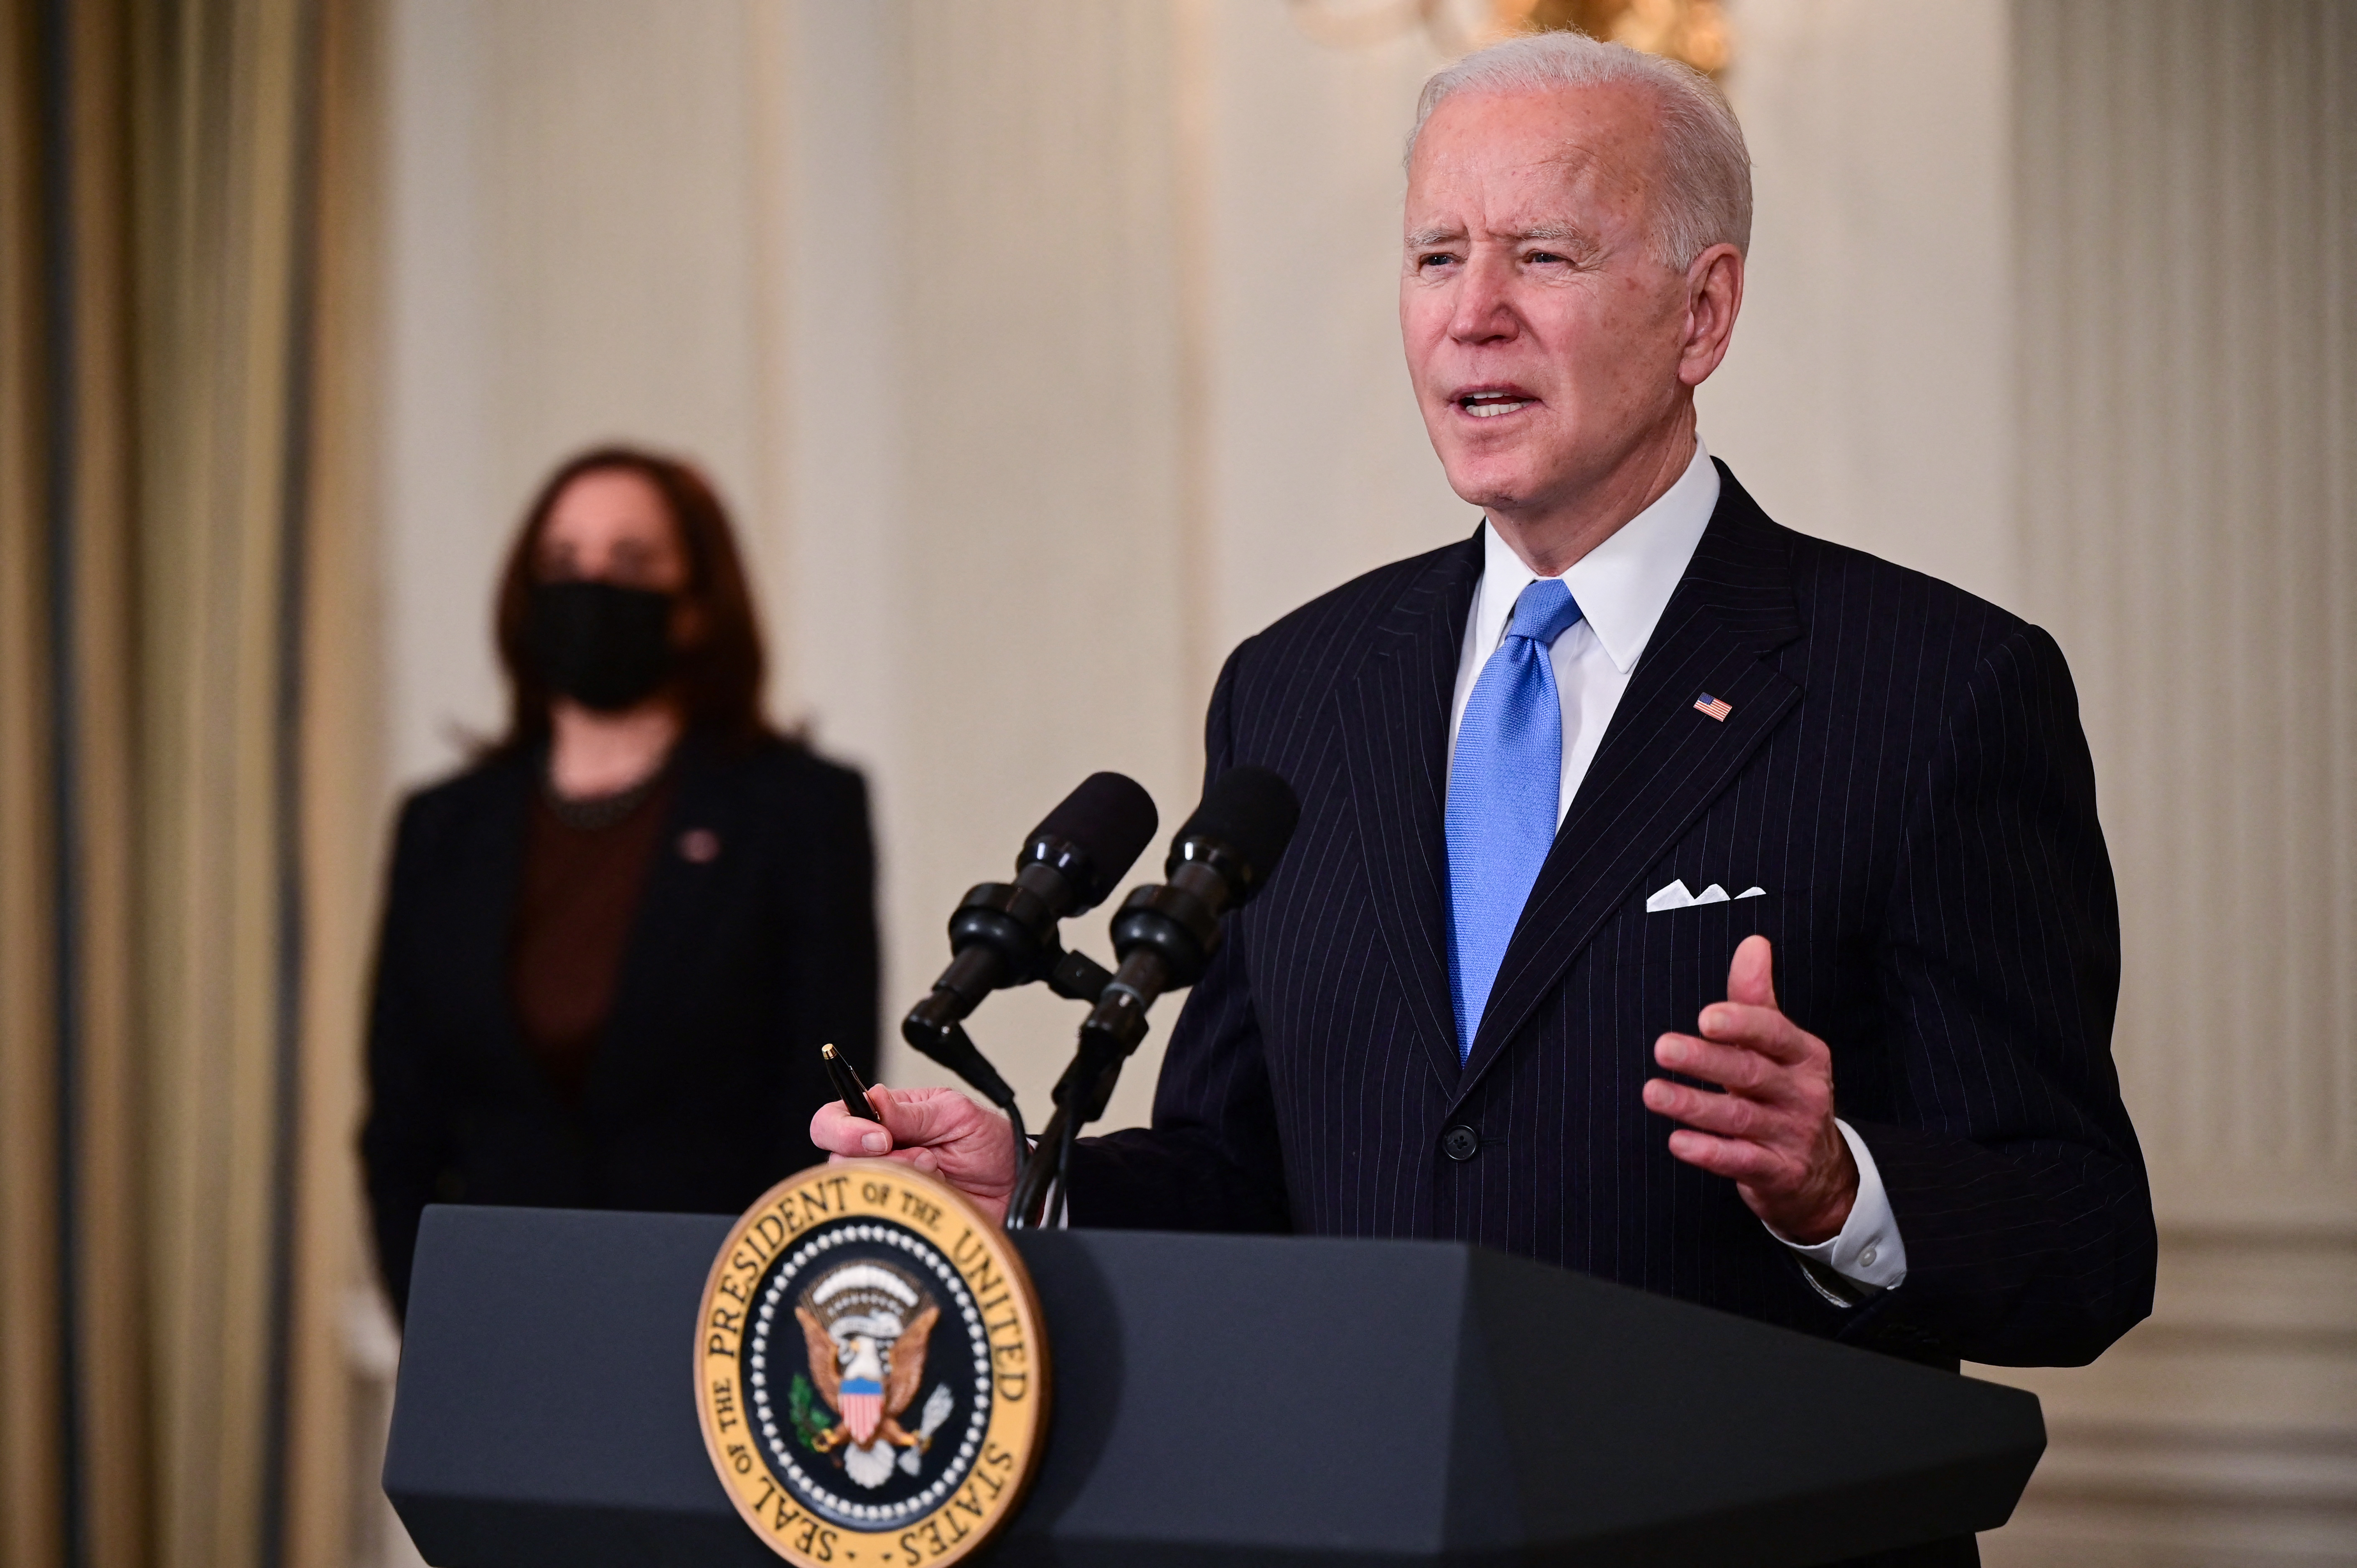 Joe Biden 1800 milliárd dolláros családtámogatási programot fog bejelenteni